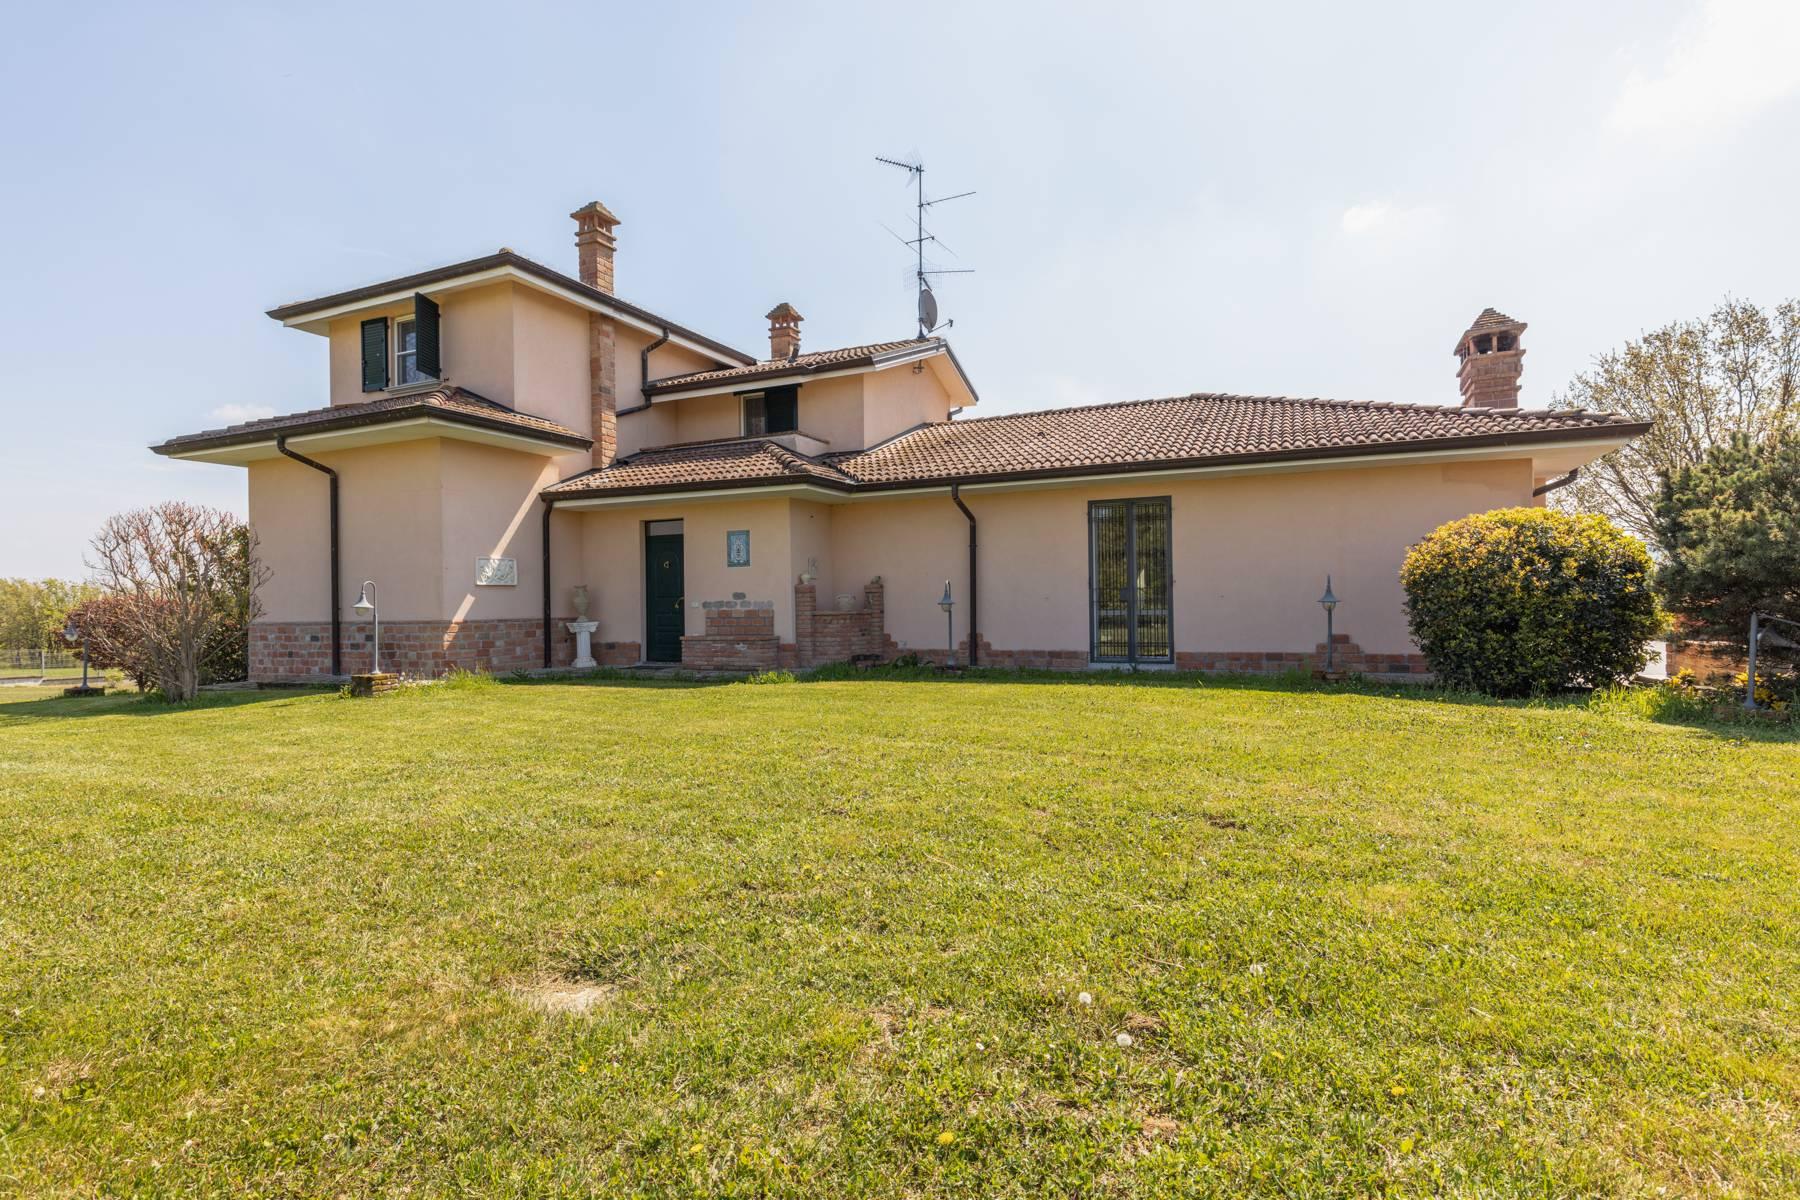 Villa in Vendita a Gazzola: 5 locali, 430 mq - Foto 27